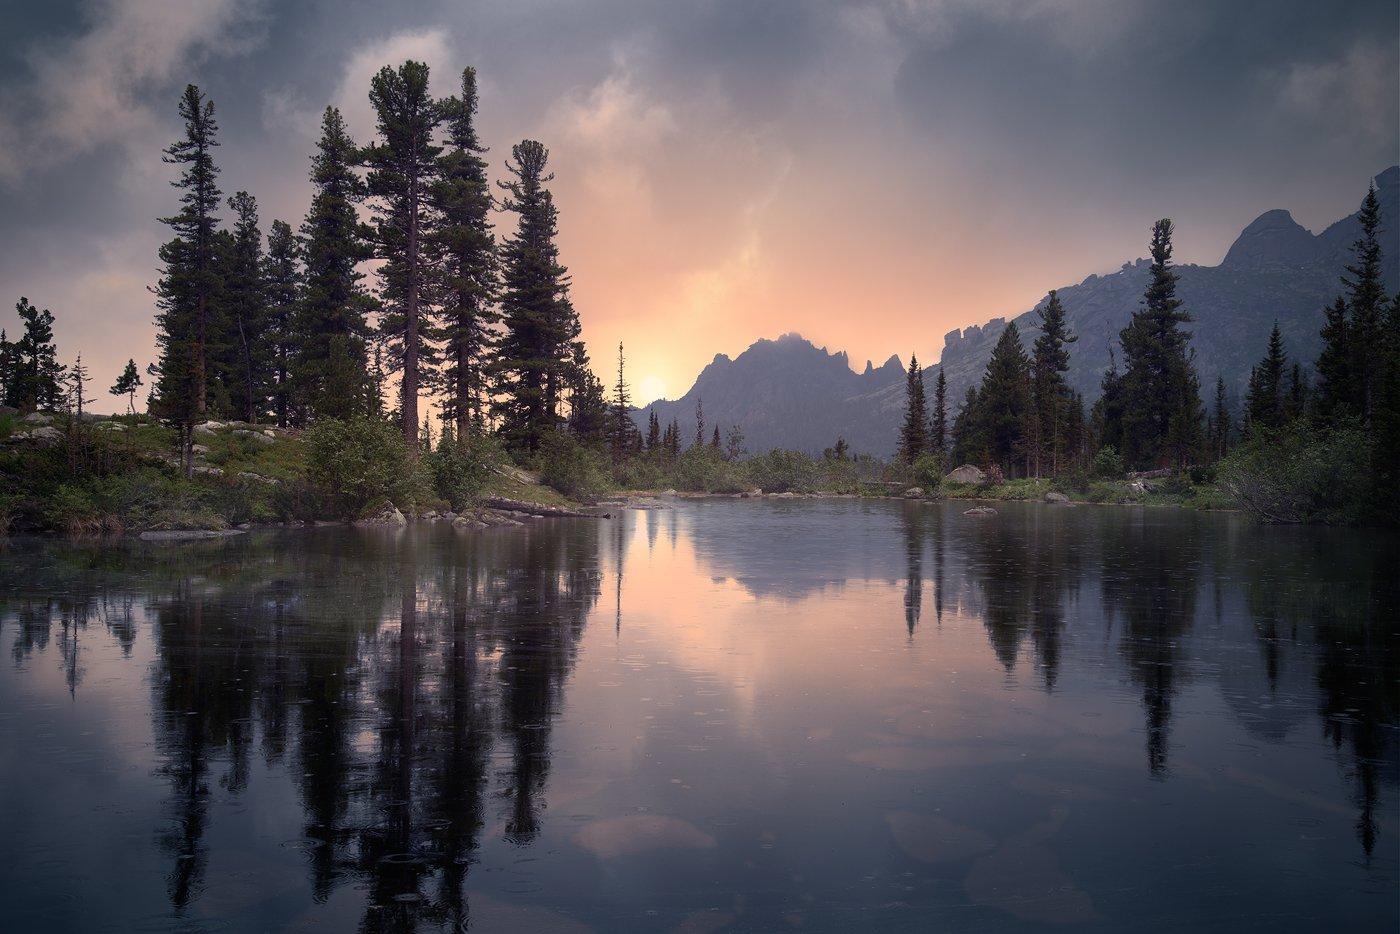 пейзаж, природа, озеро, холодное, дно, камни, отражения, вечер, закат, отражения, национальный, парк, Ергаки, Красноярский край, сибирь, туризм, отдых, горы, скалы, высокий, красивый, большой, Дмитрий Антипов